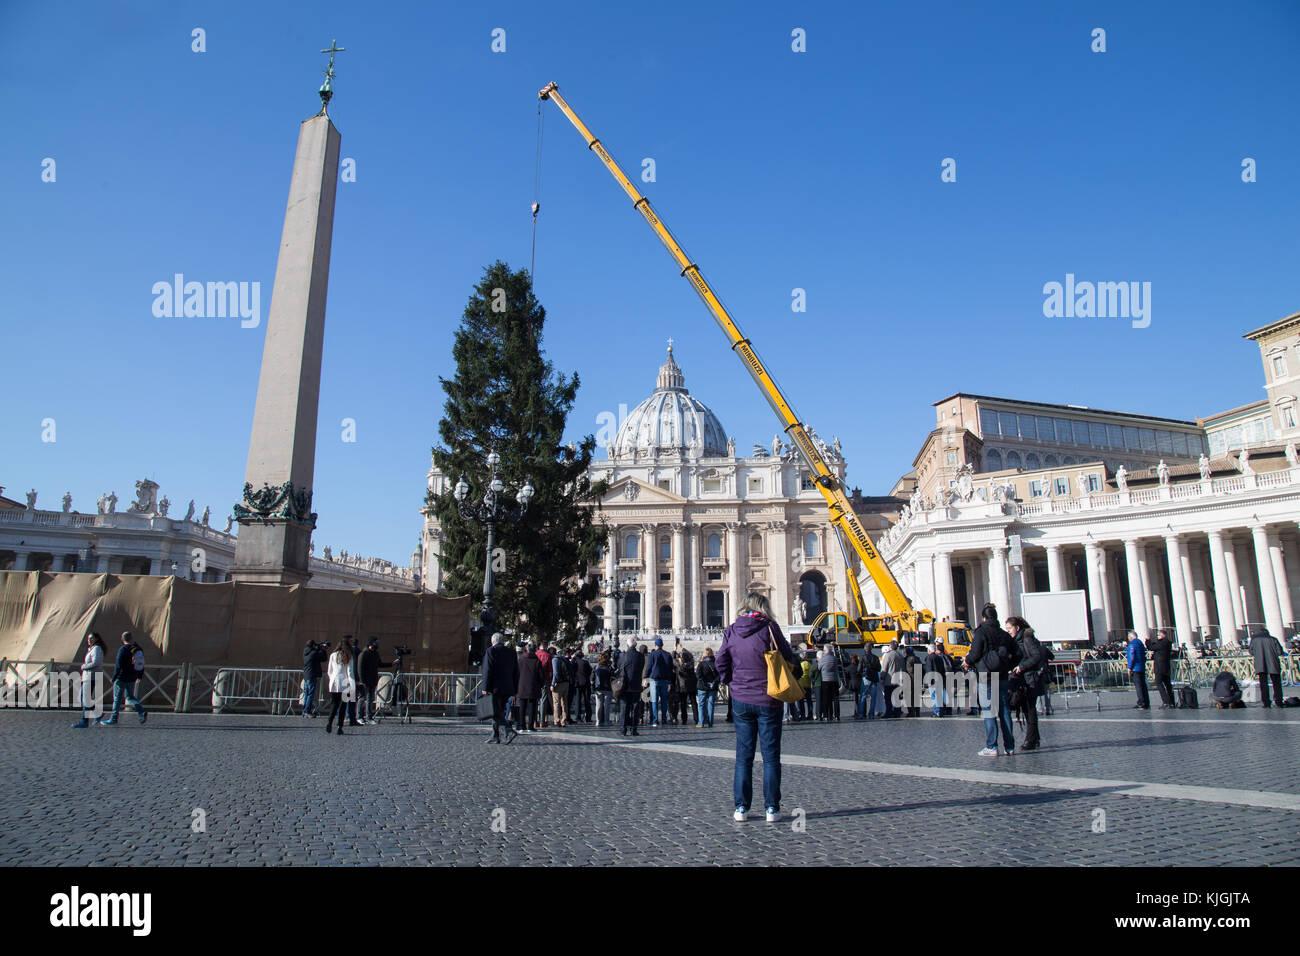 Roma, Italia. 23 Nov, 2017. El tradicional árbol de Navidad fue montado en el vaticano, que este año vinieron Imagen De Stock